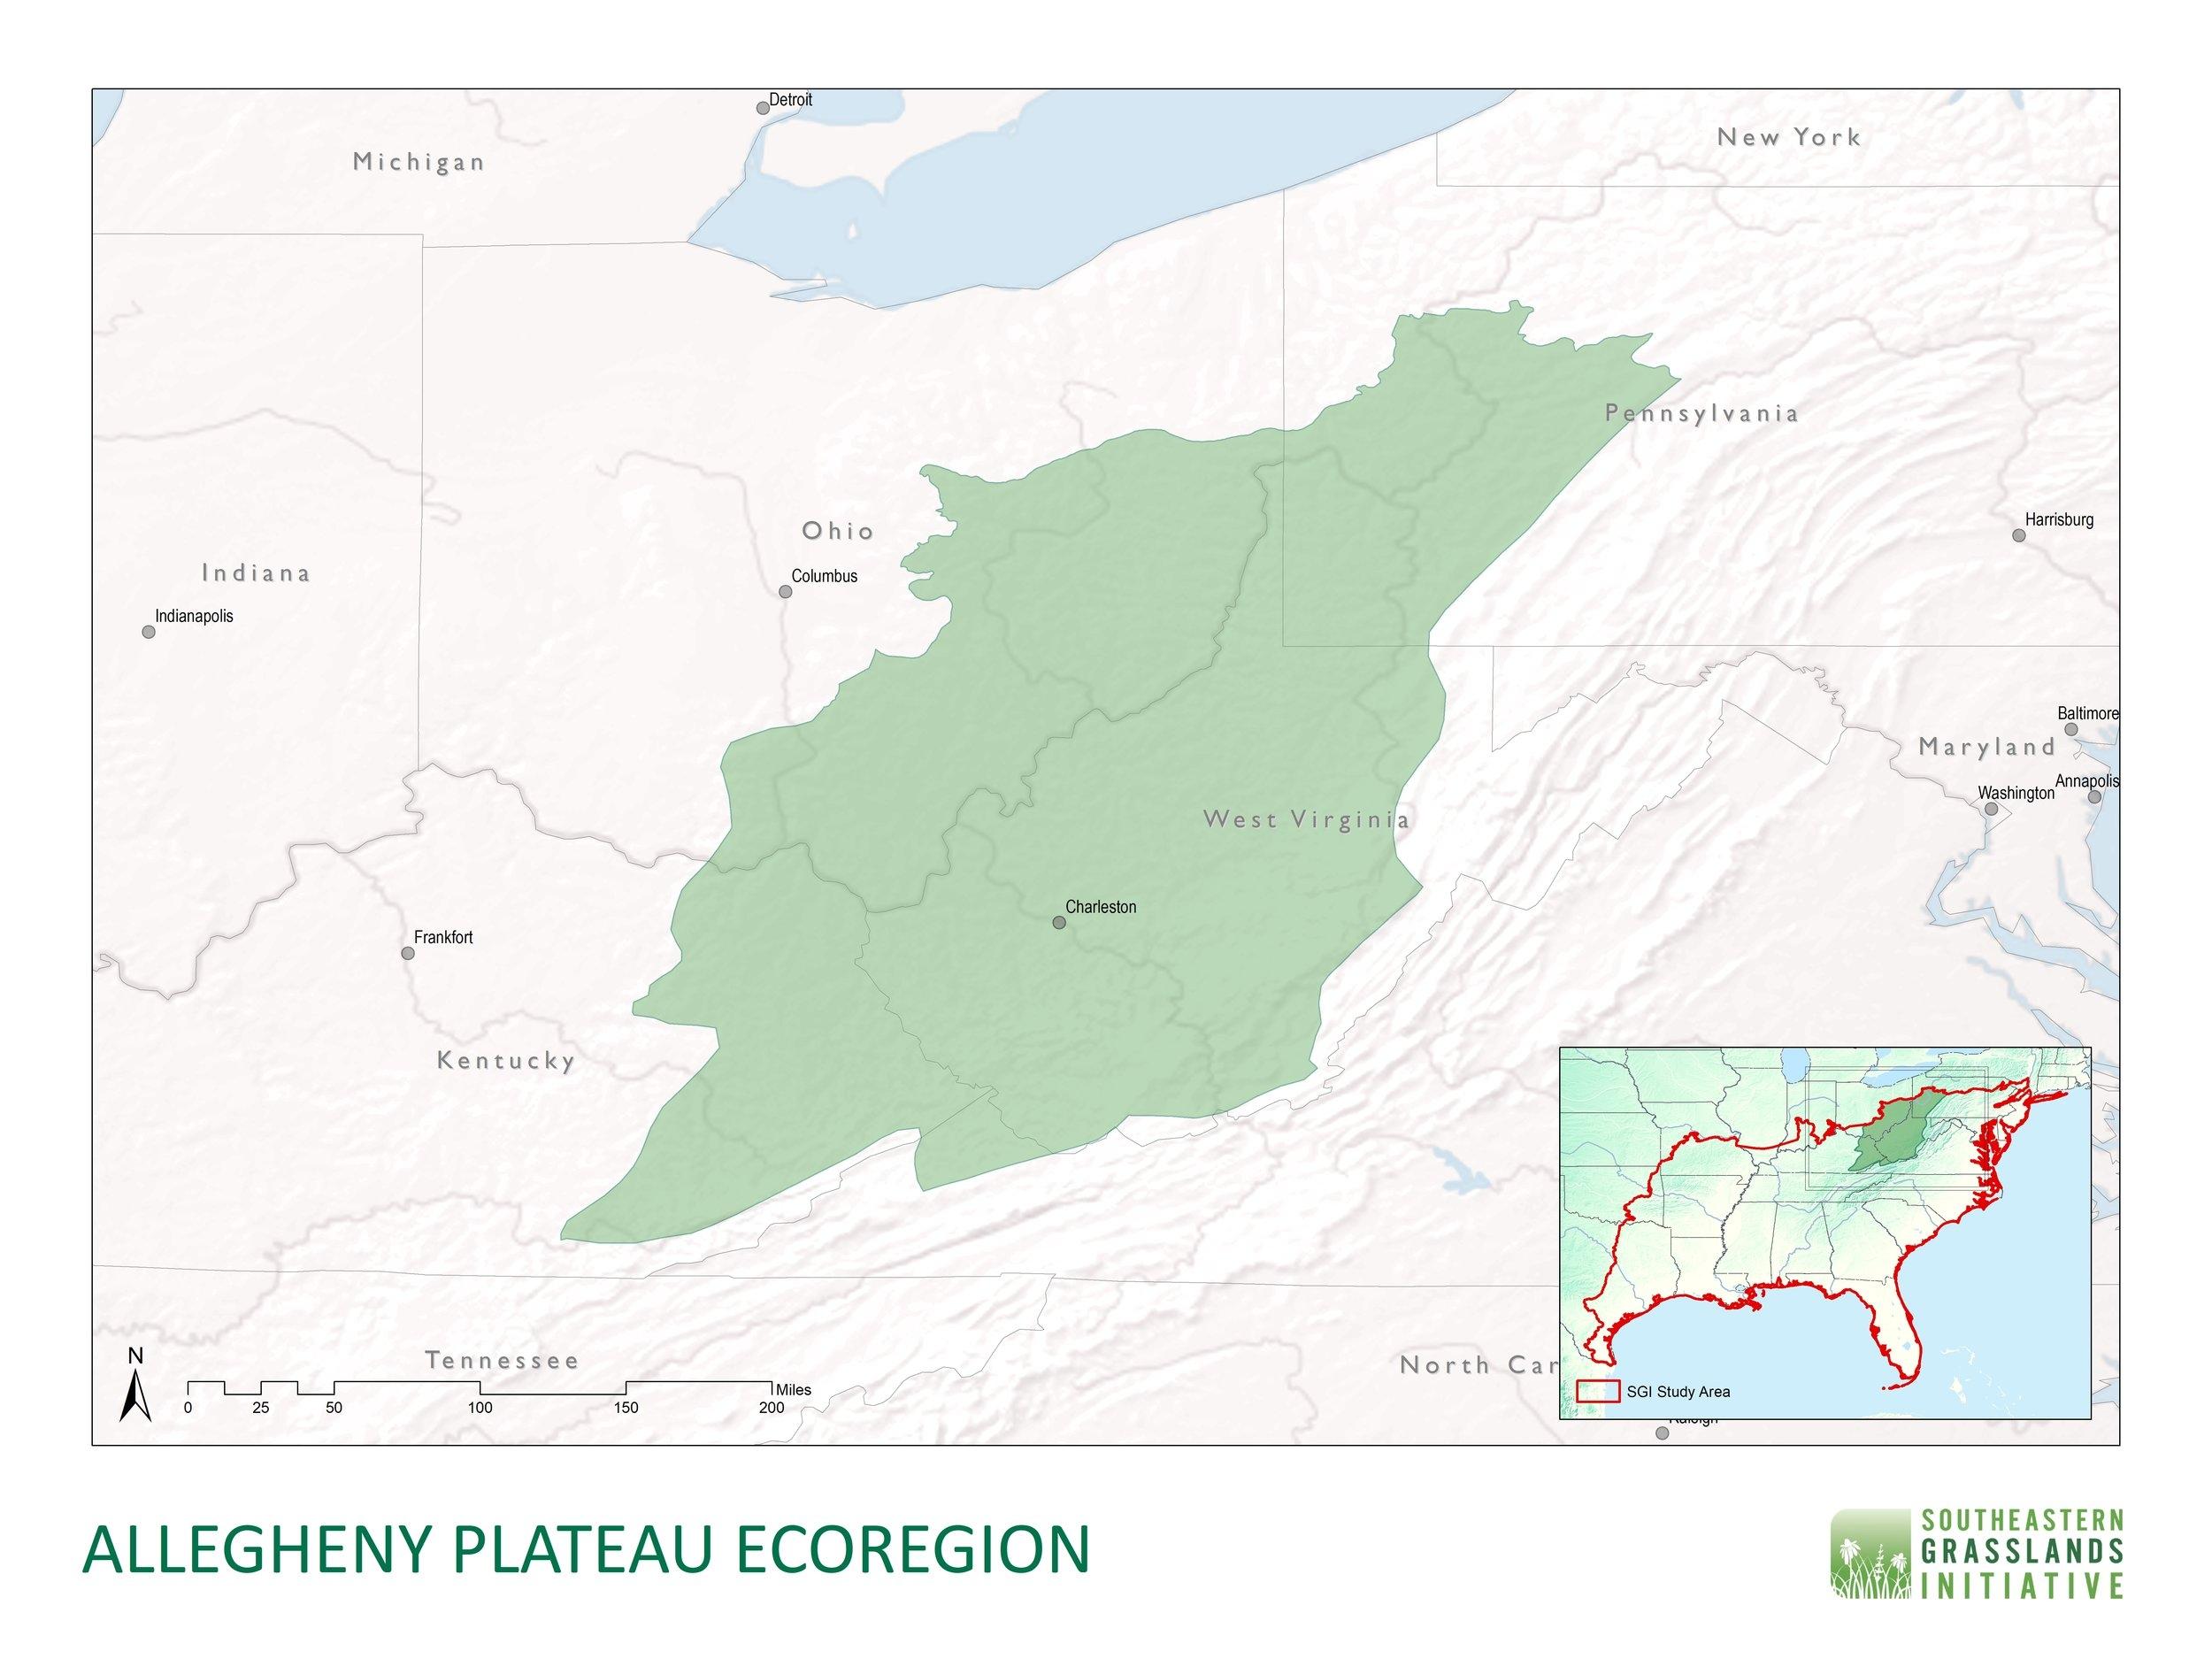 Allegheny Plateau